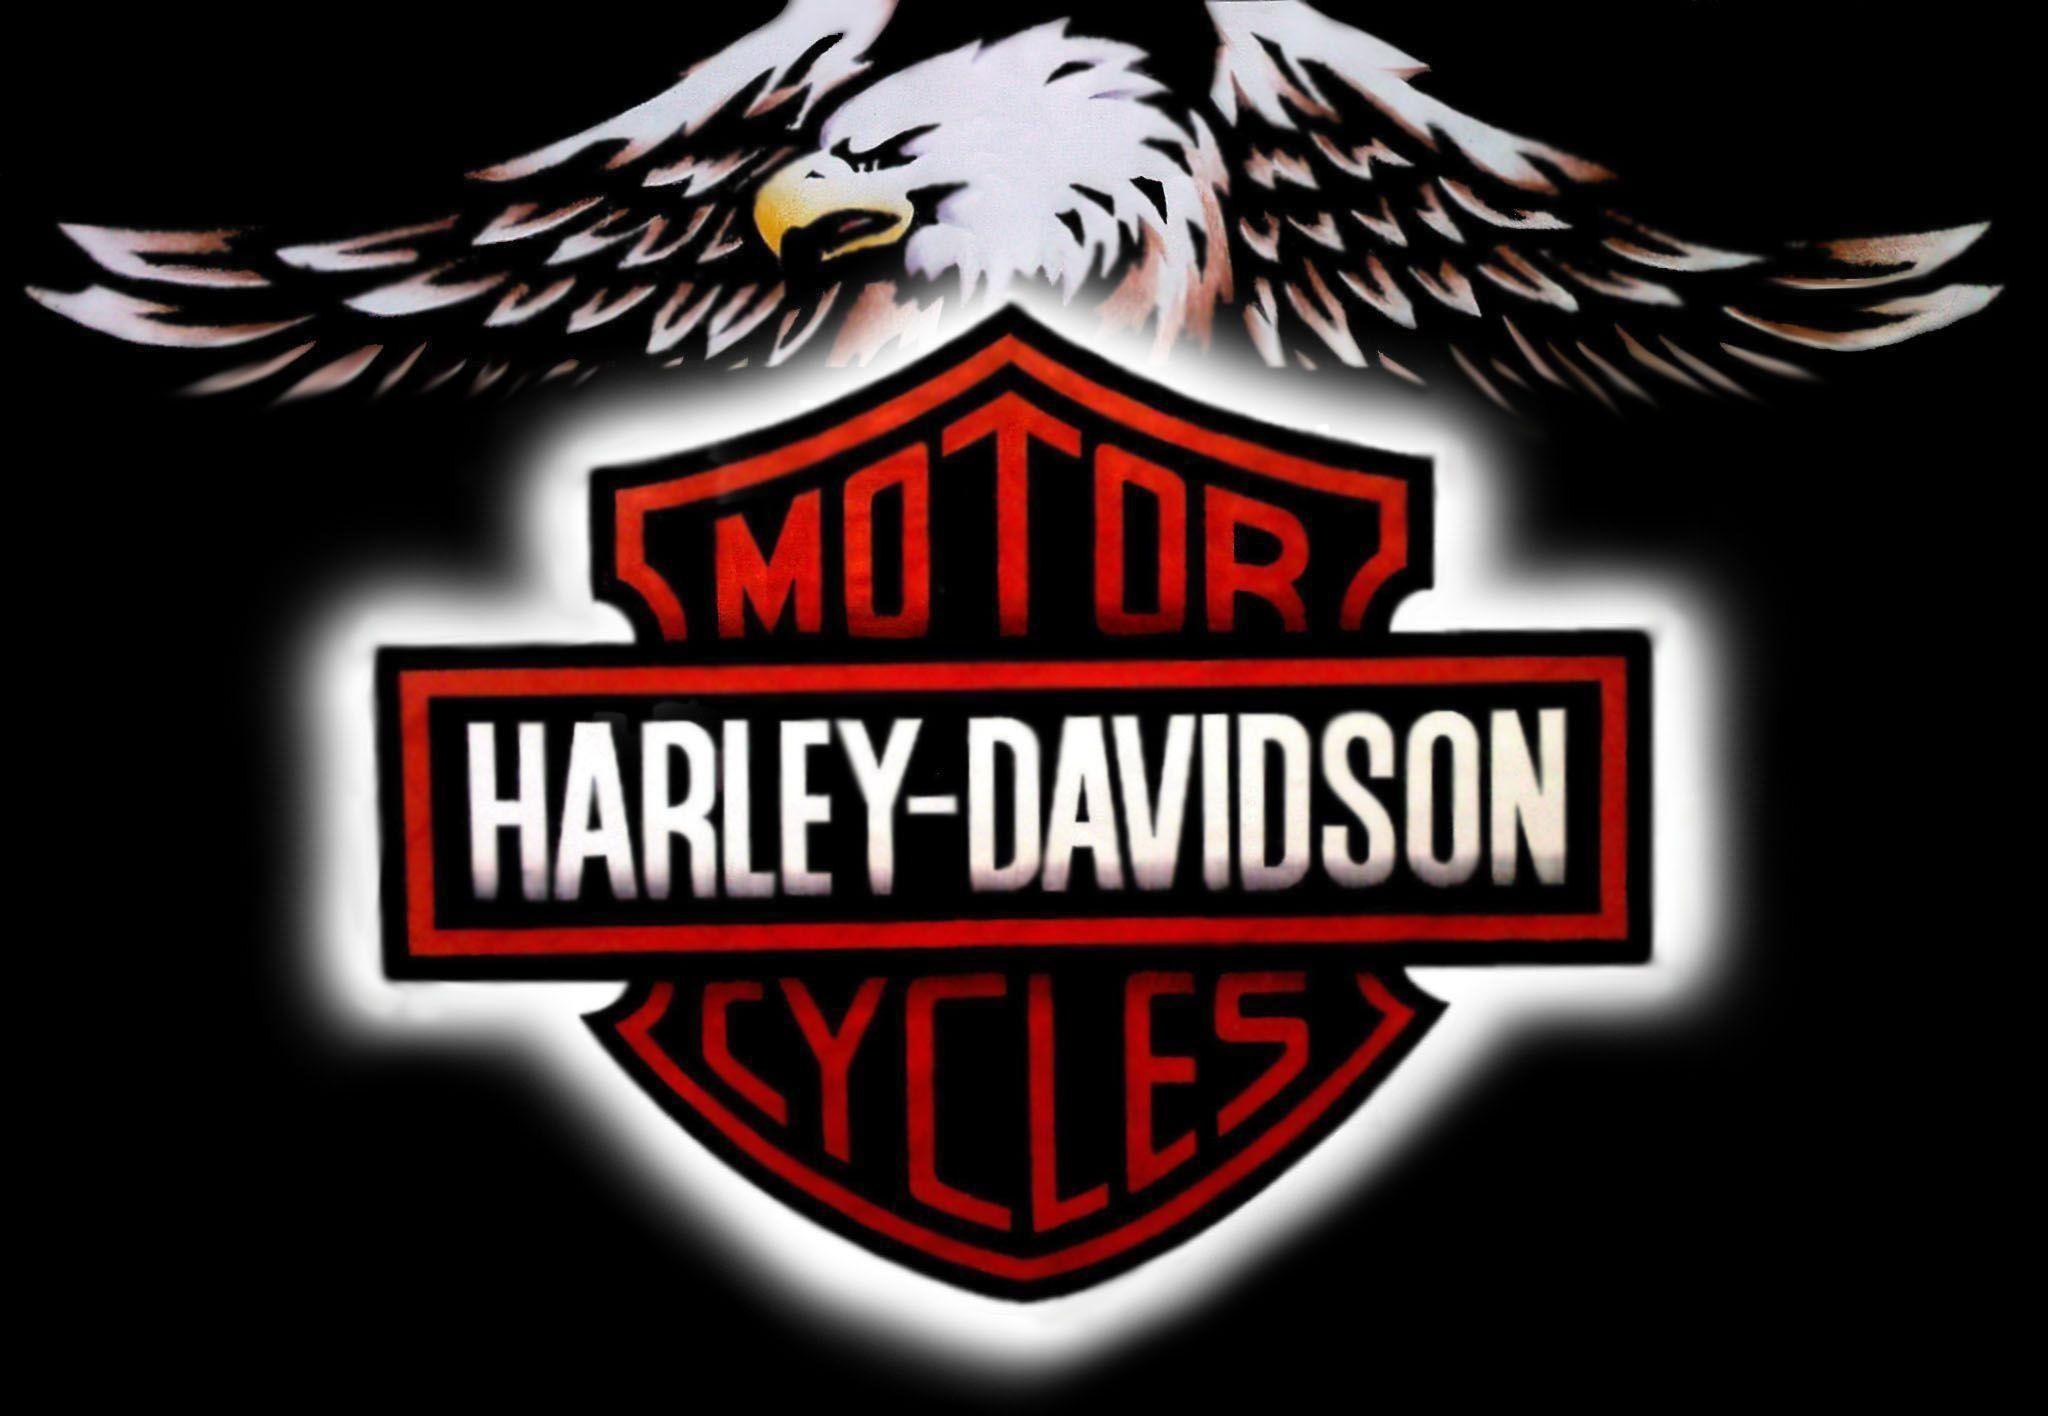 Harley Davidson Willie G Wallpaper (53+